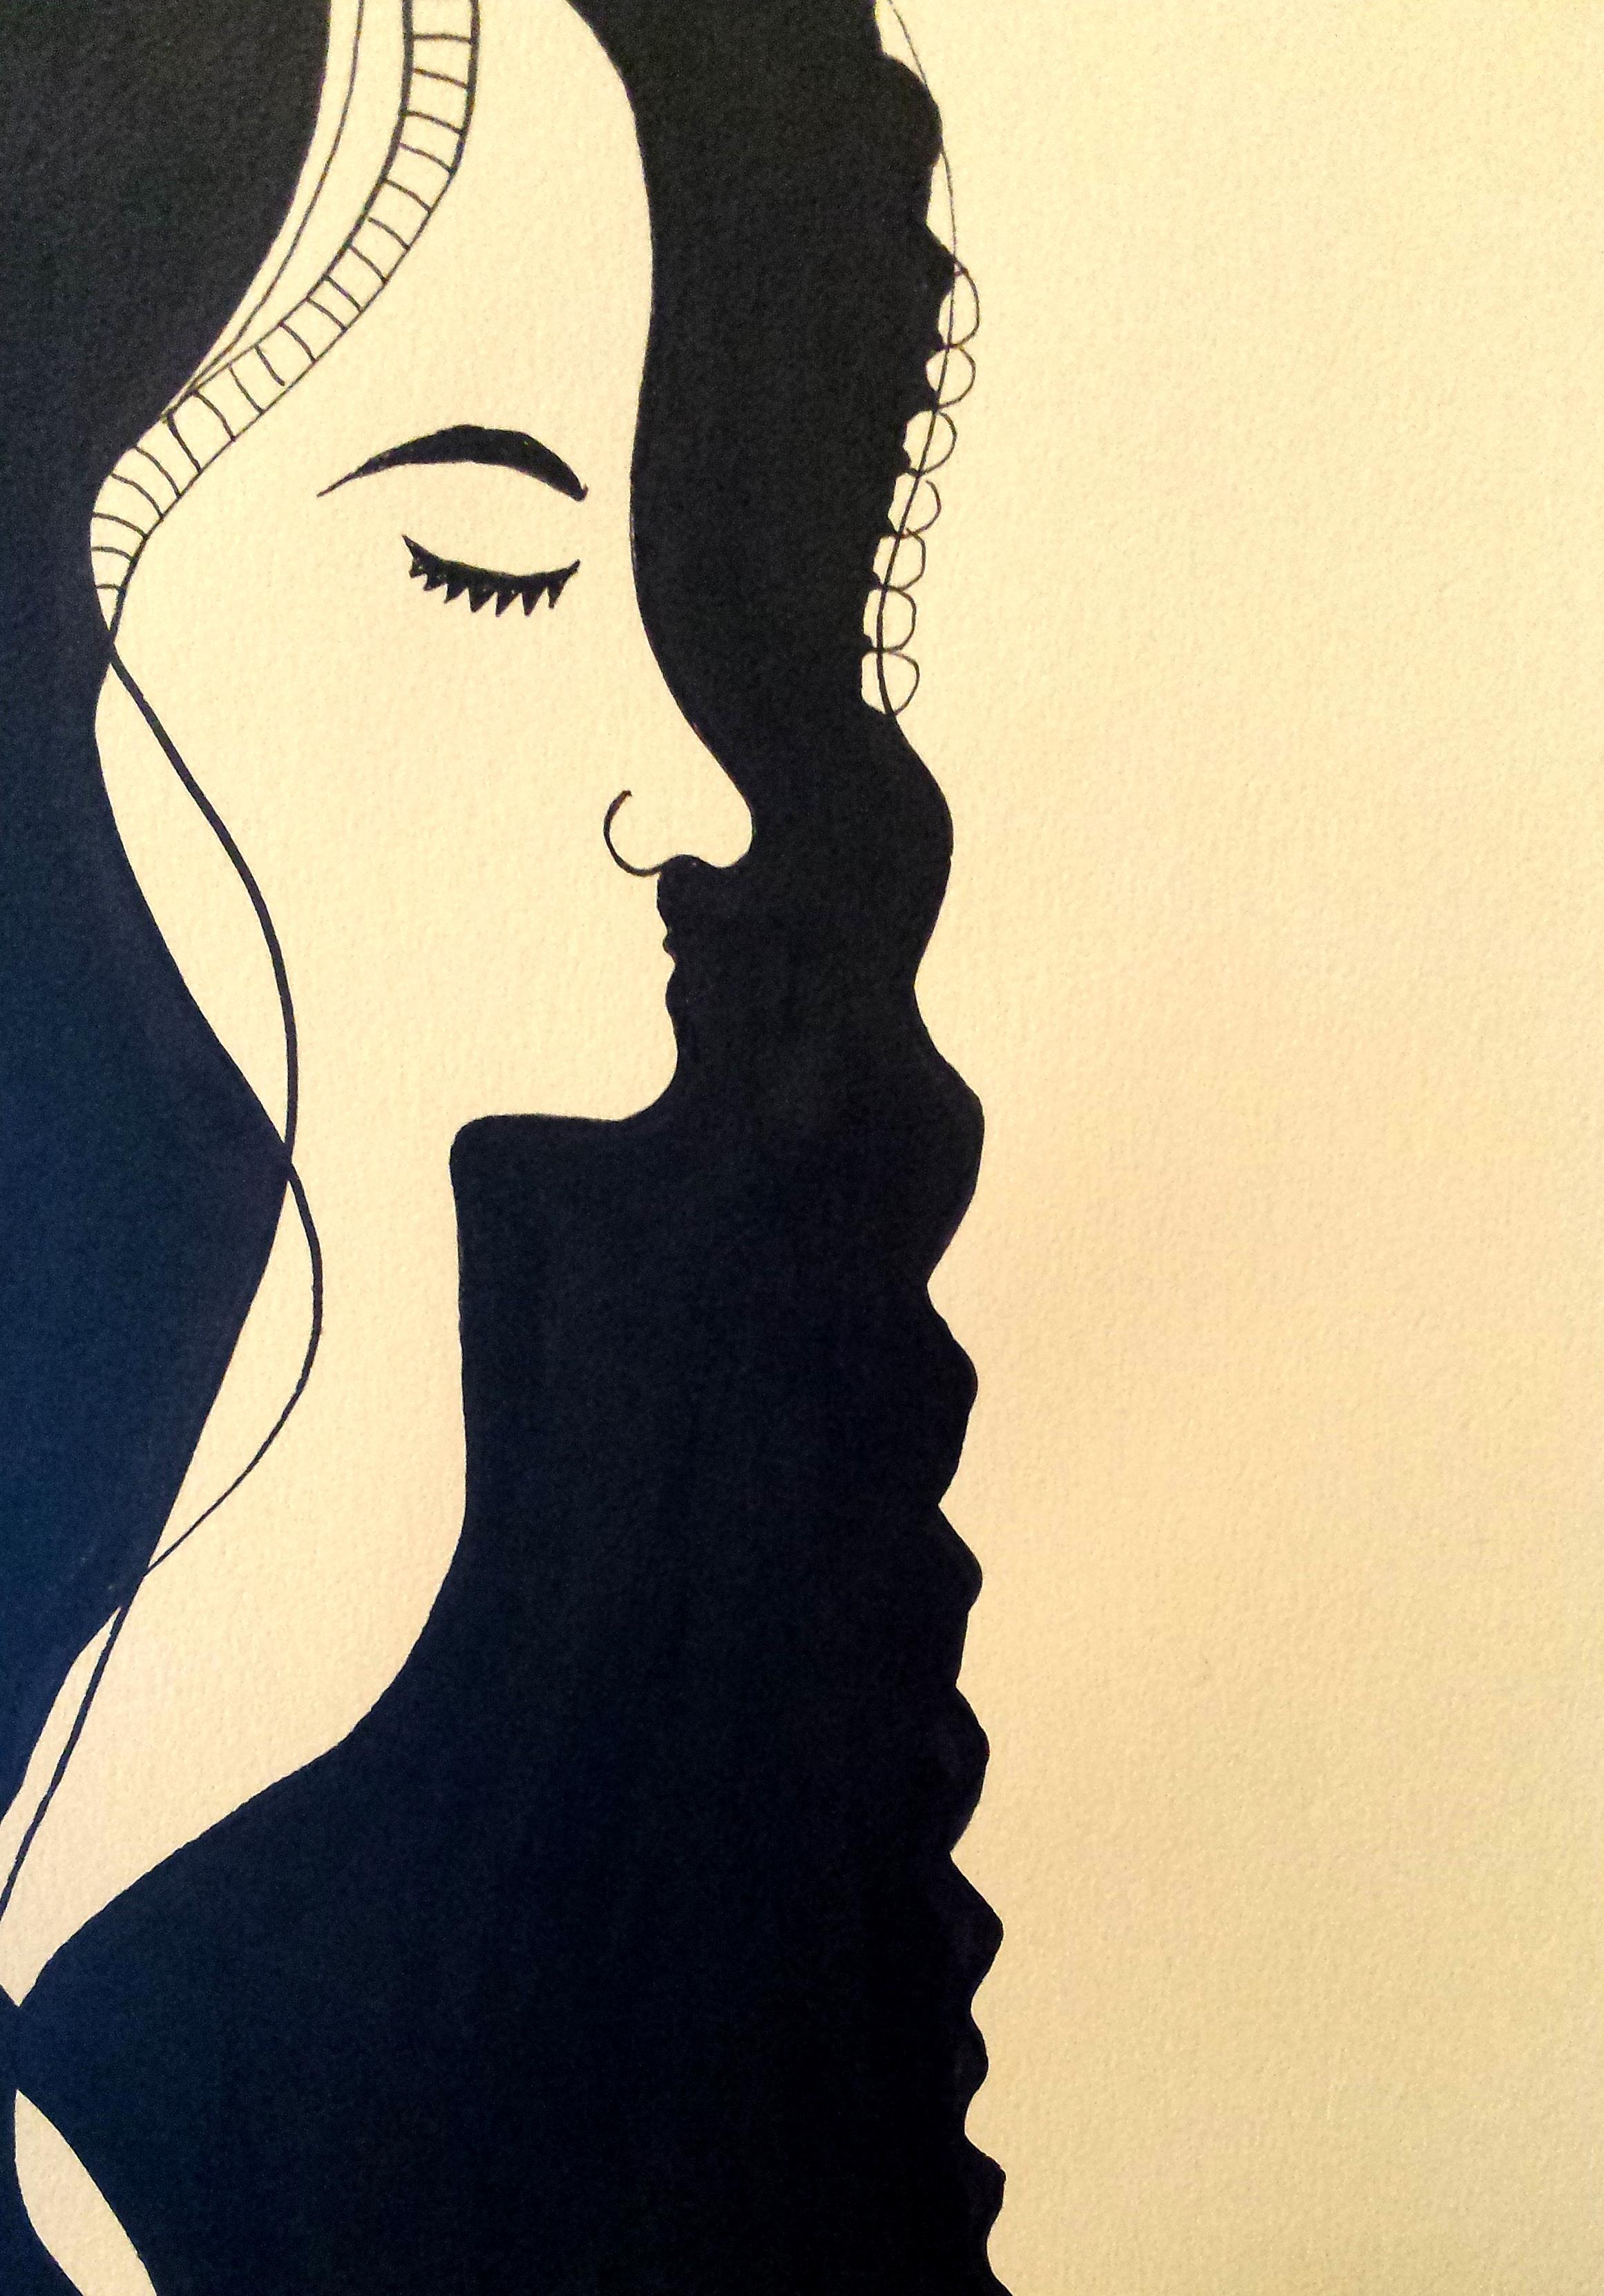 lady by kimberly gonzalez